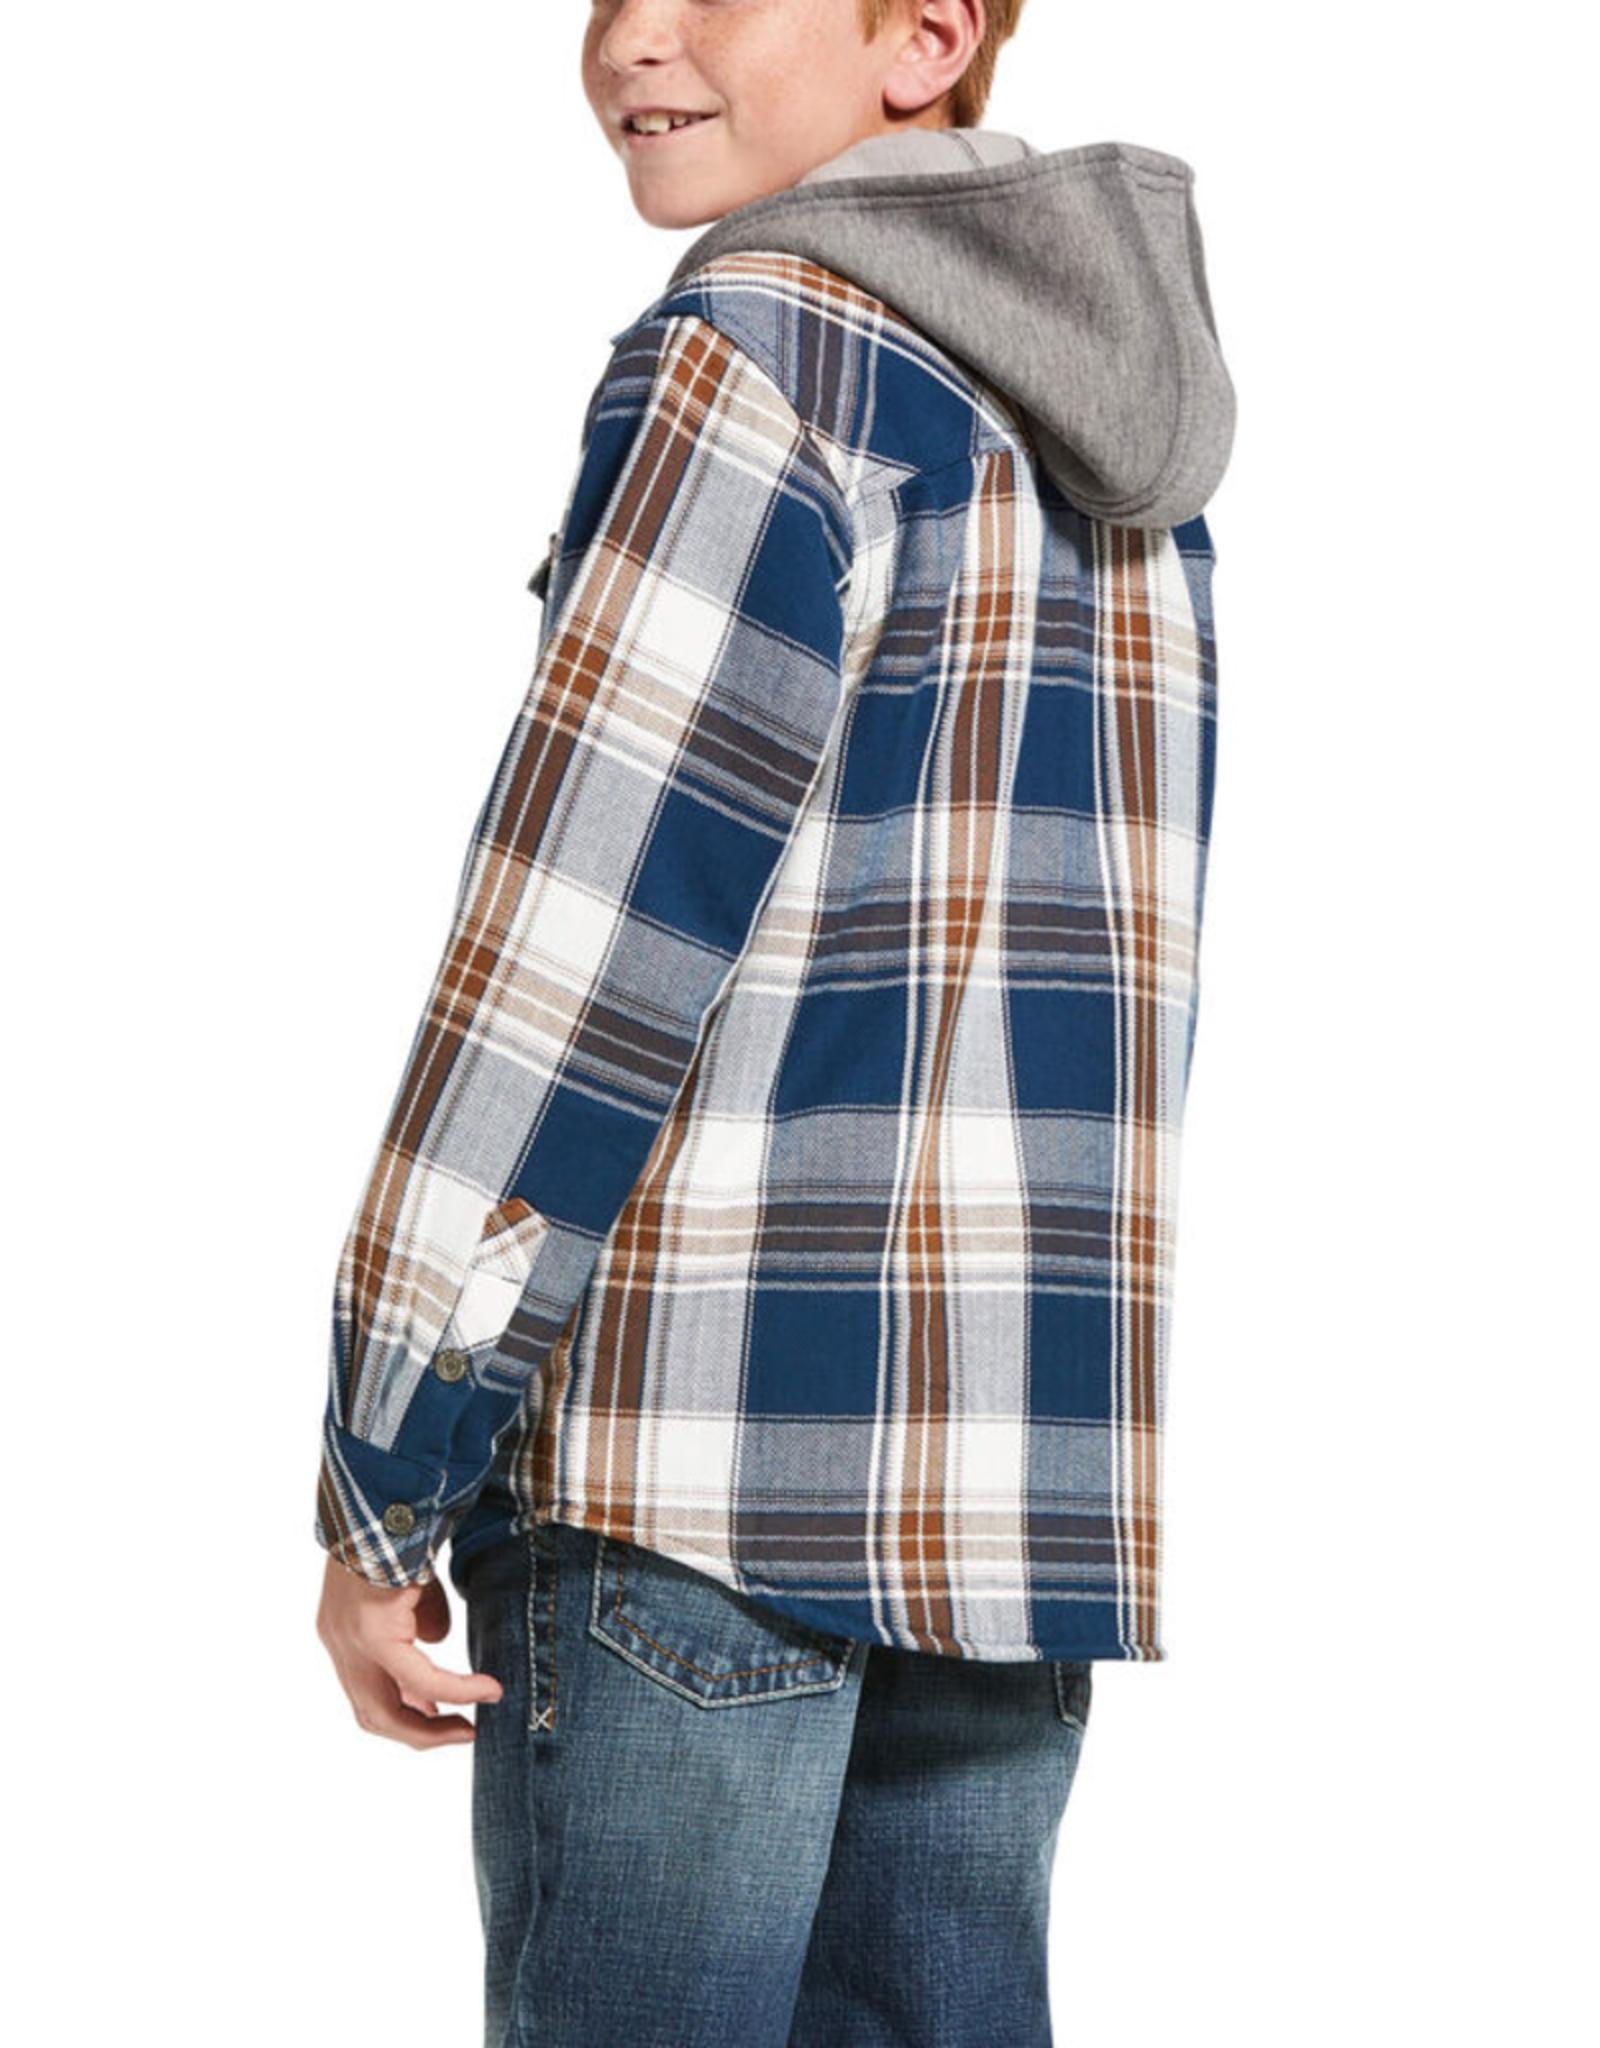 Ariat Ariat Boys' Retro Harrow Shirt Jacket